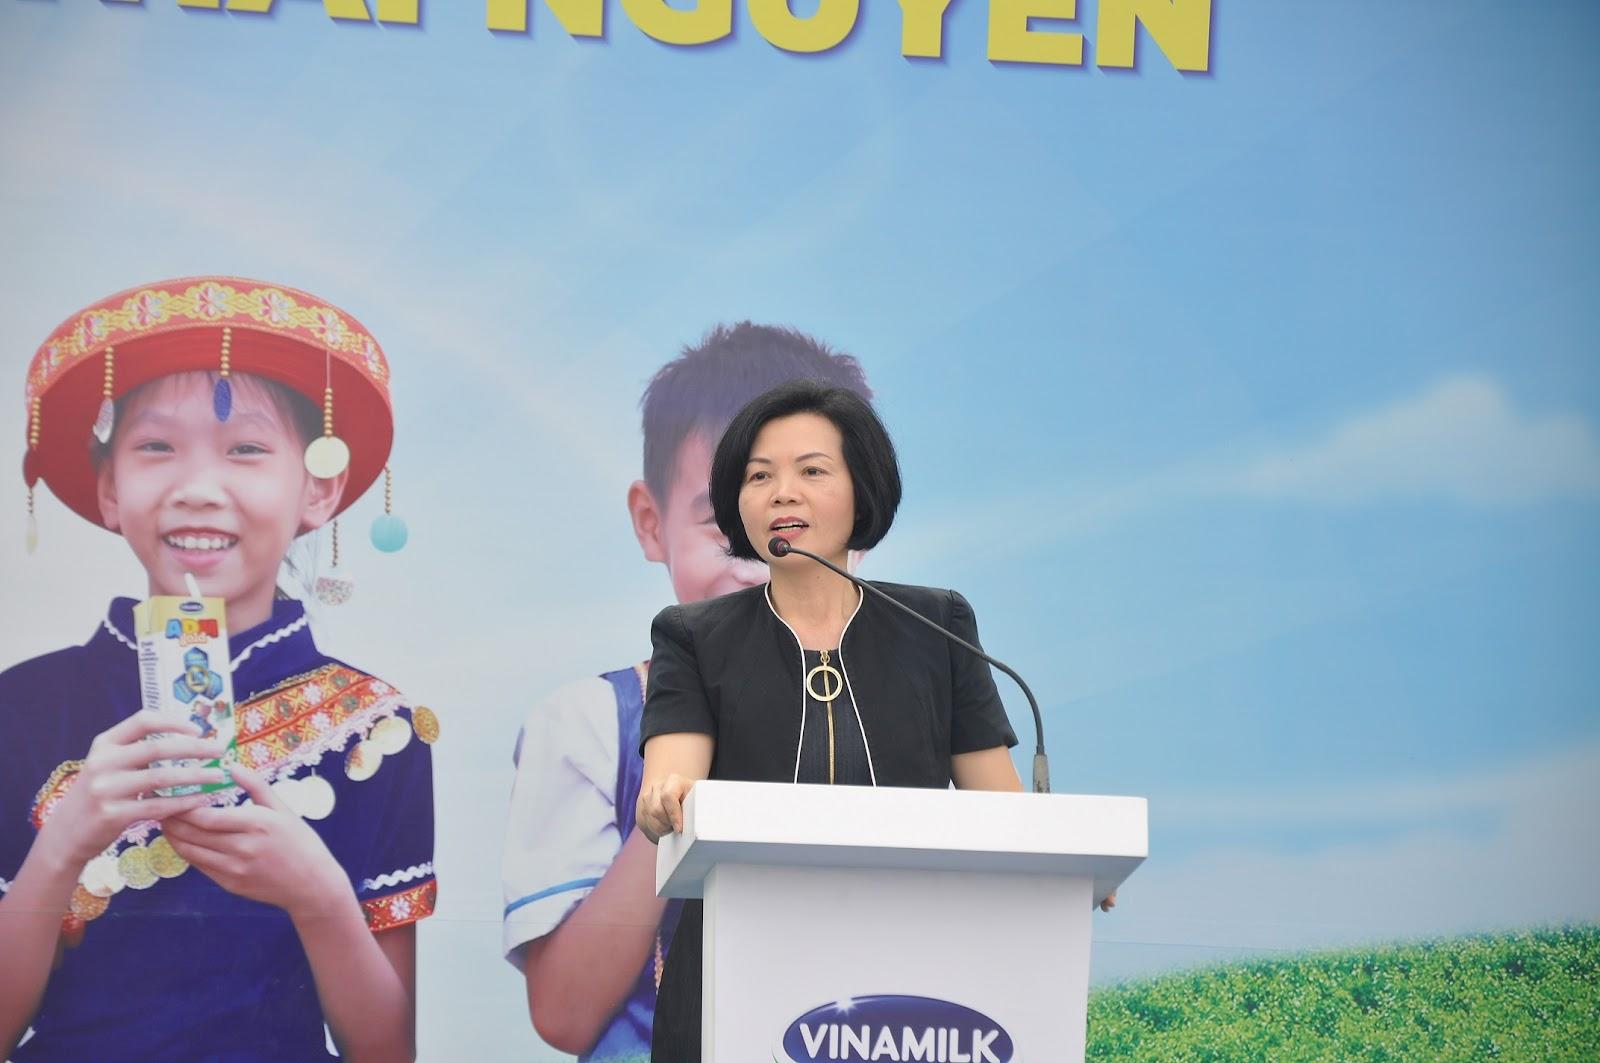 Bà Bùi Thị Hương, Giám đốc Điều hành Nhân sự - Hành chính và Đối ngoại Vinamilk khẳng định sẽ tiếp tục đồng hành cùng Quỹ sữa Vươn Cao Việt Nam để nhiều trẻ em được thụ hưởng sữa mỗi ngày.